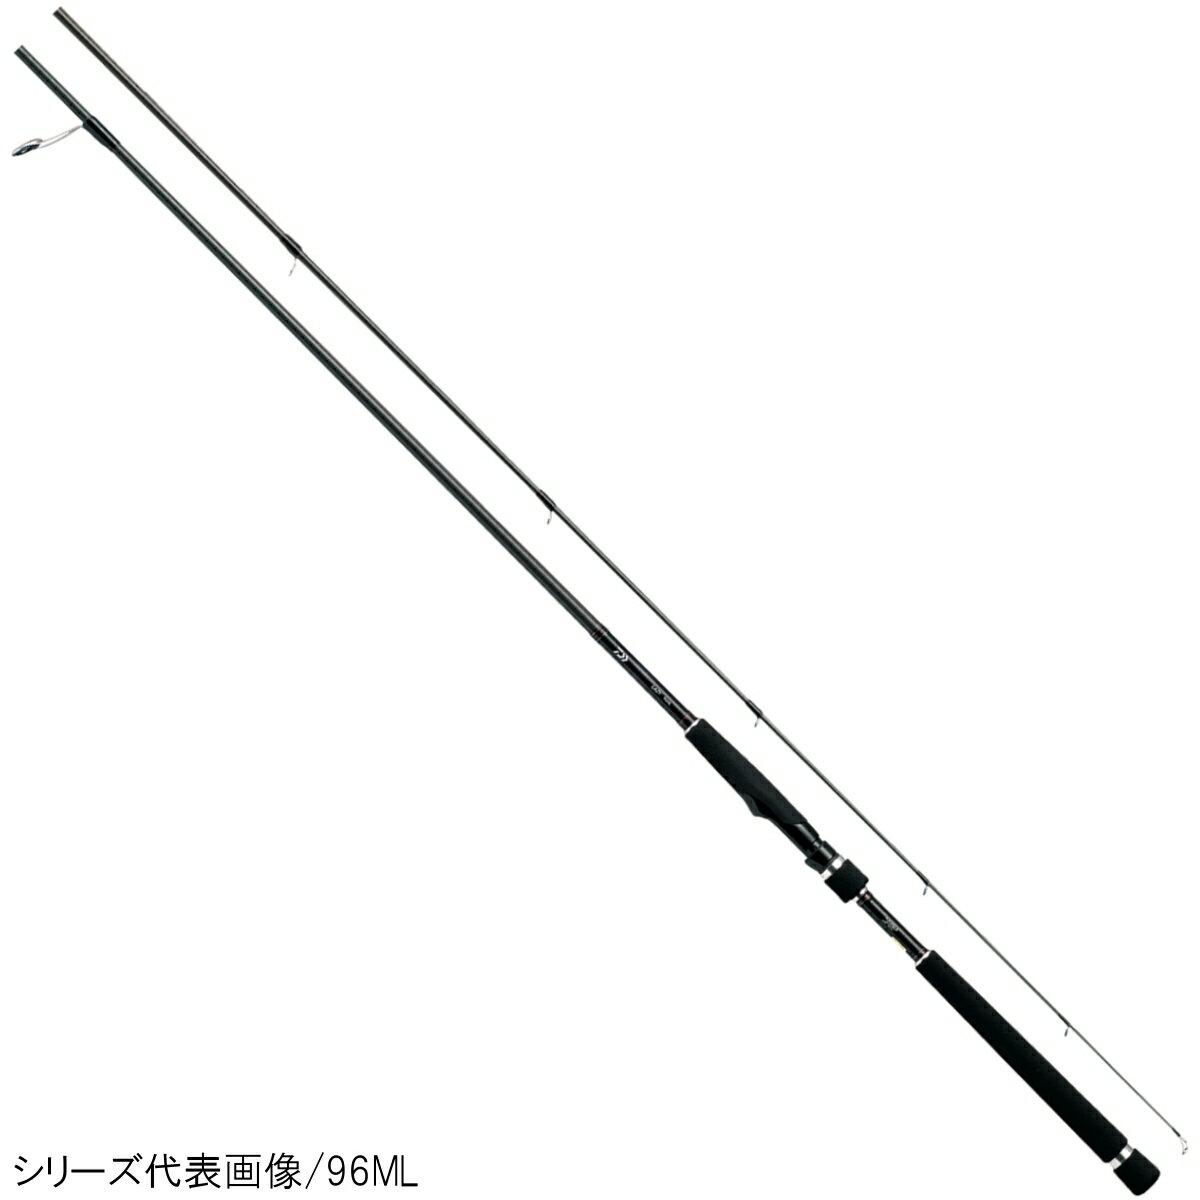 ダイワ レイジー スピニングモデル 106ML【大型商品】【送料無料】